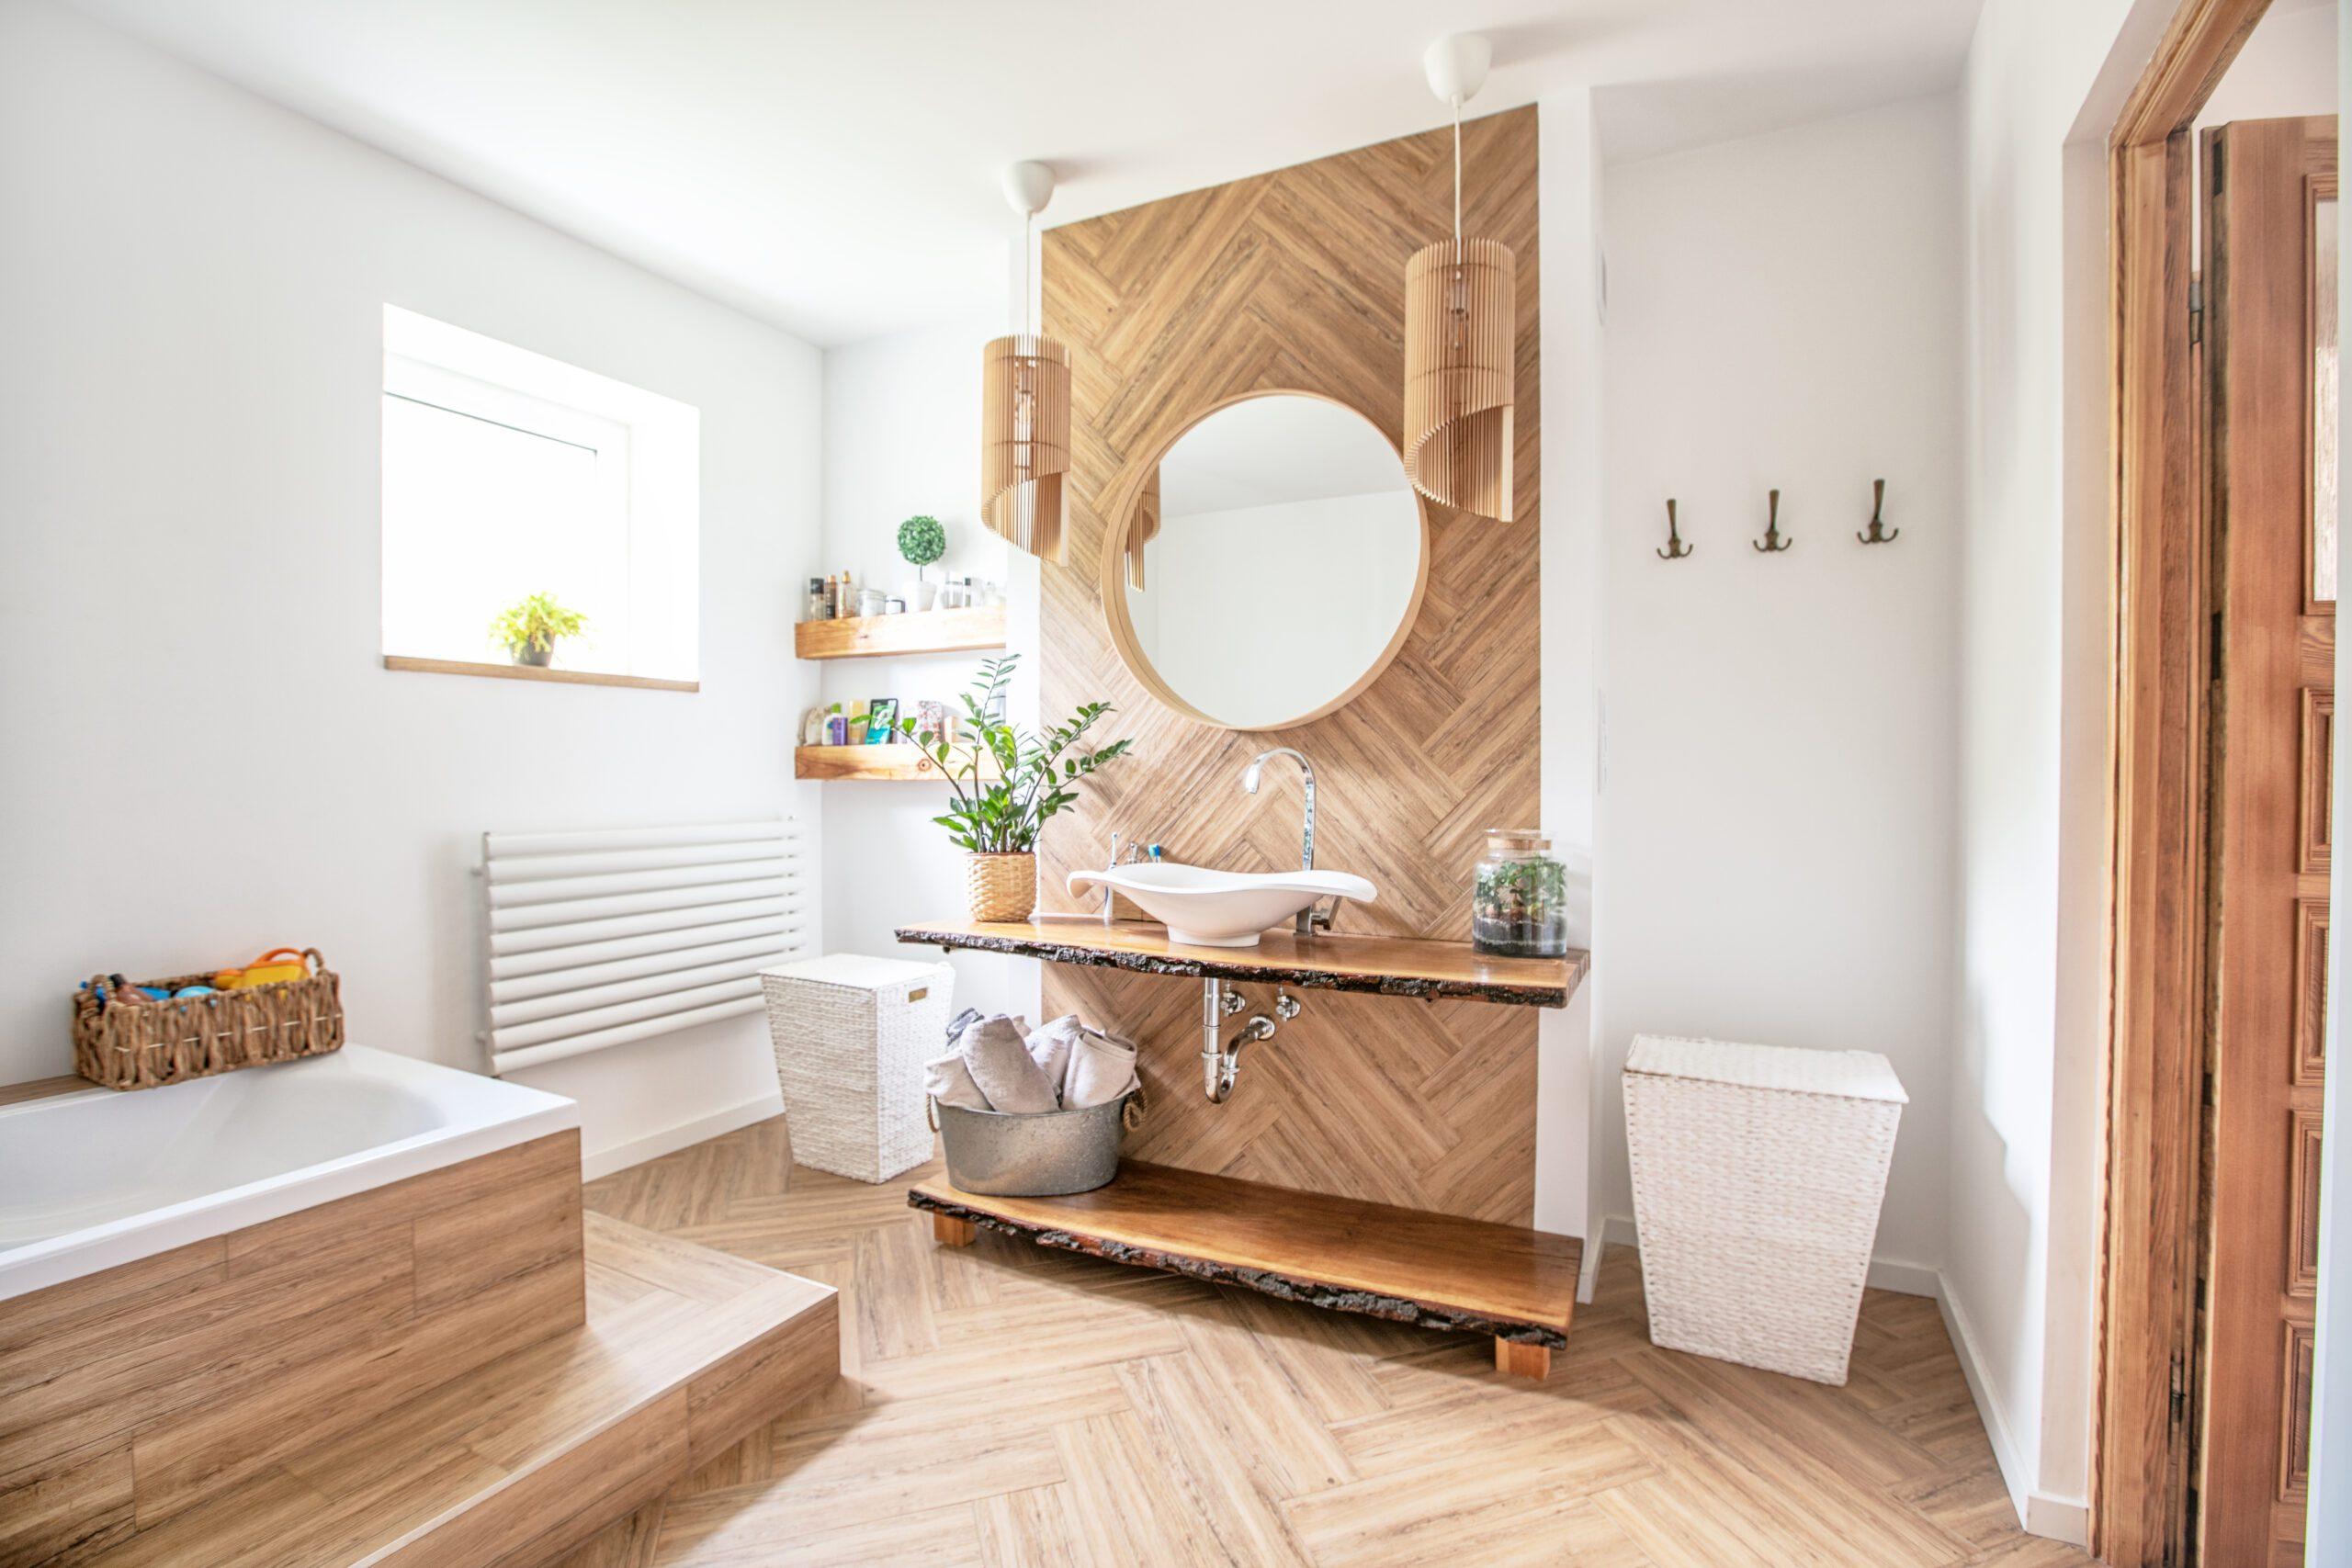 Salle de bain déco cocooning Avéo Styles & Travaux